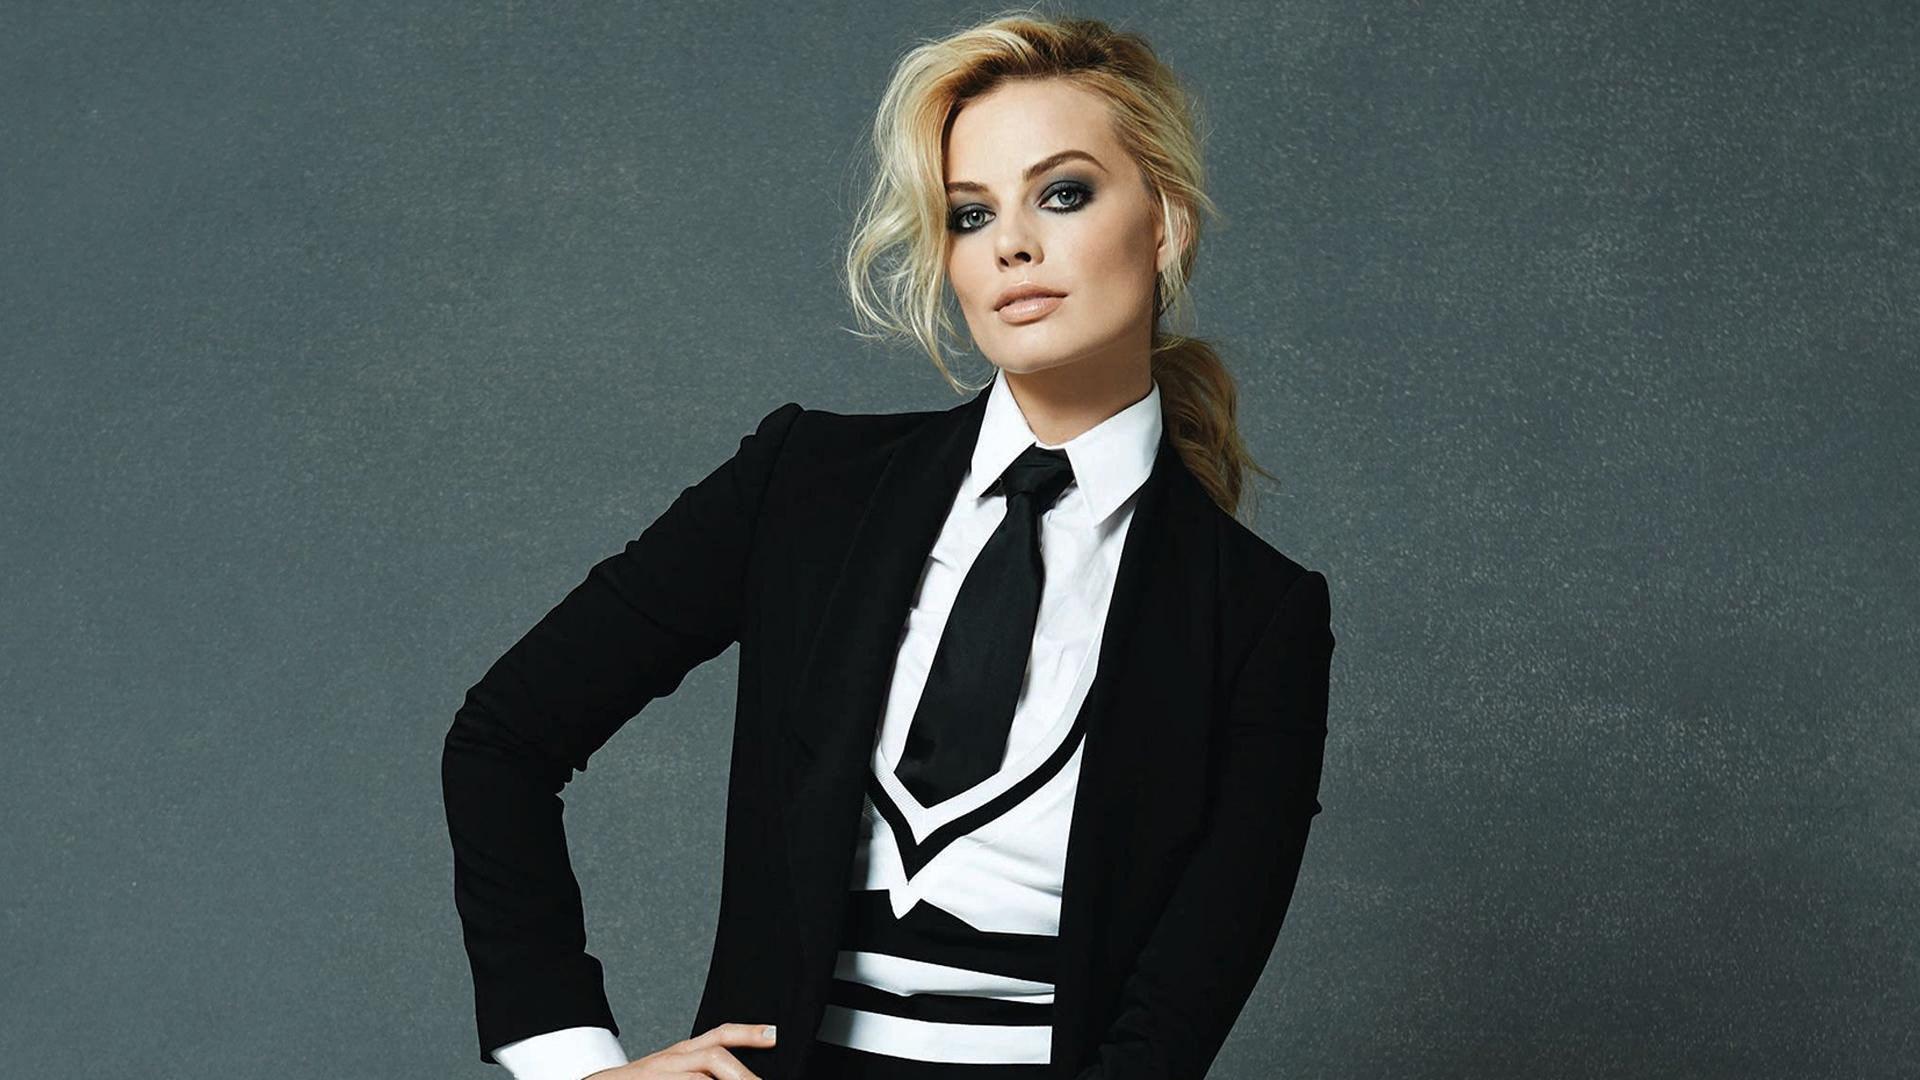 Margot Robbie Wallpapers Margot Robbie Fondos